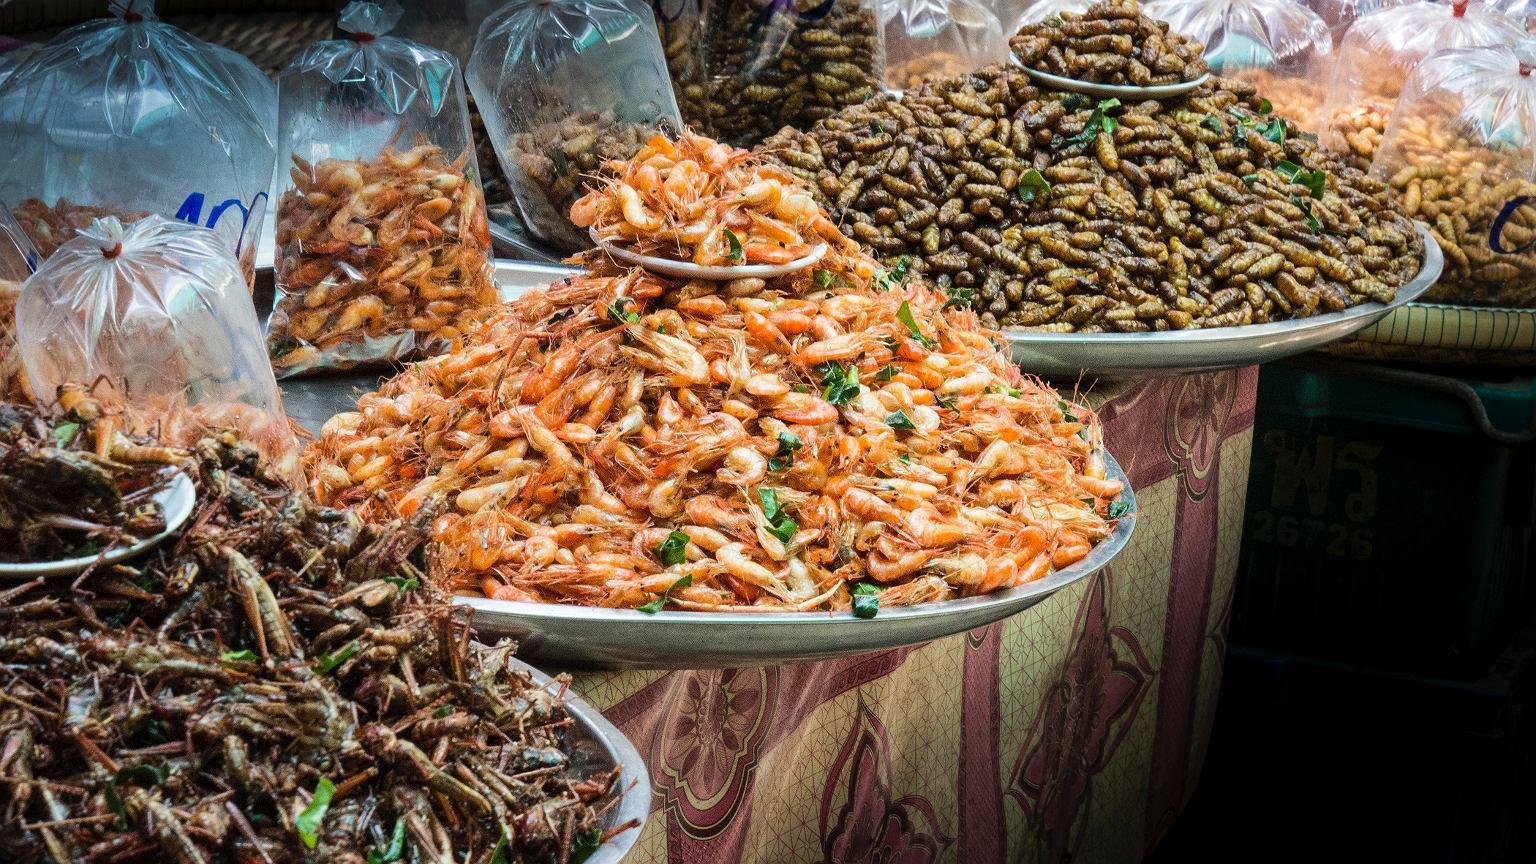 Stoisko handlowe z mrożonymi owadami